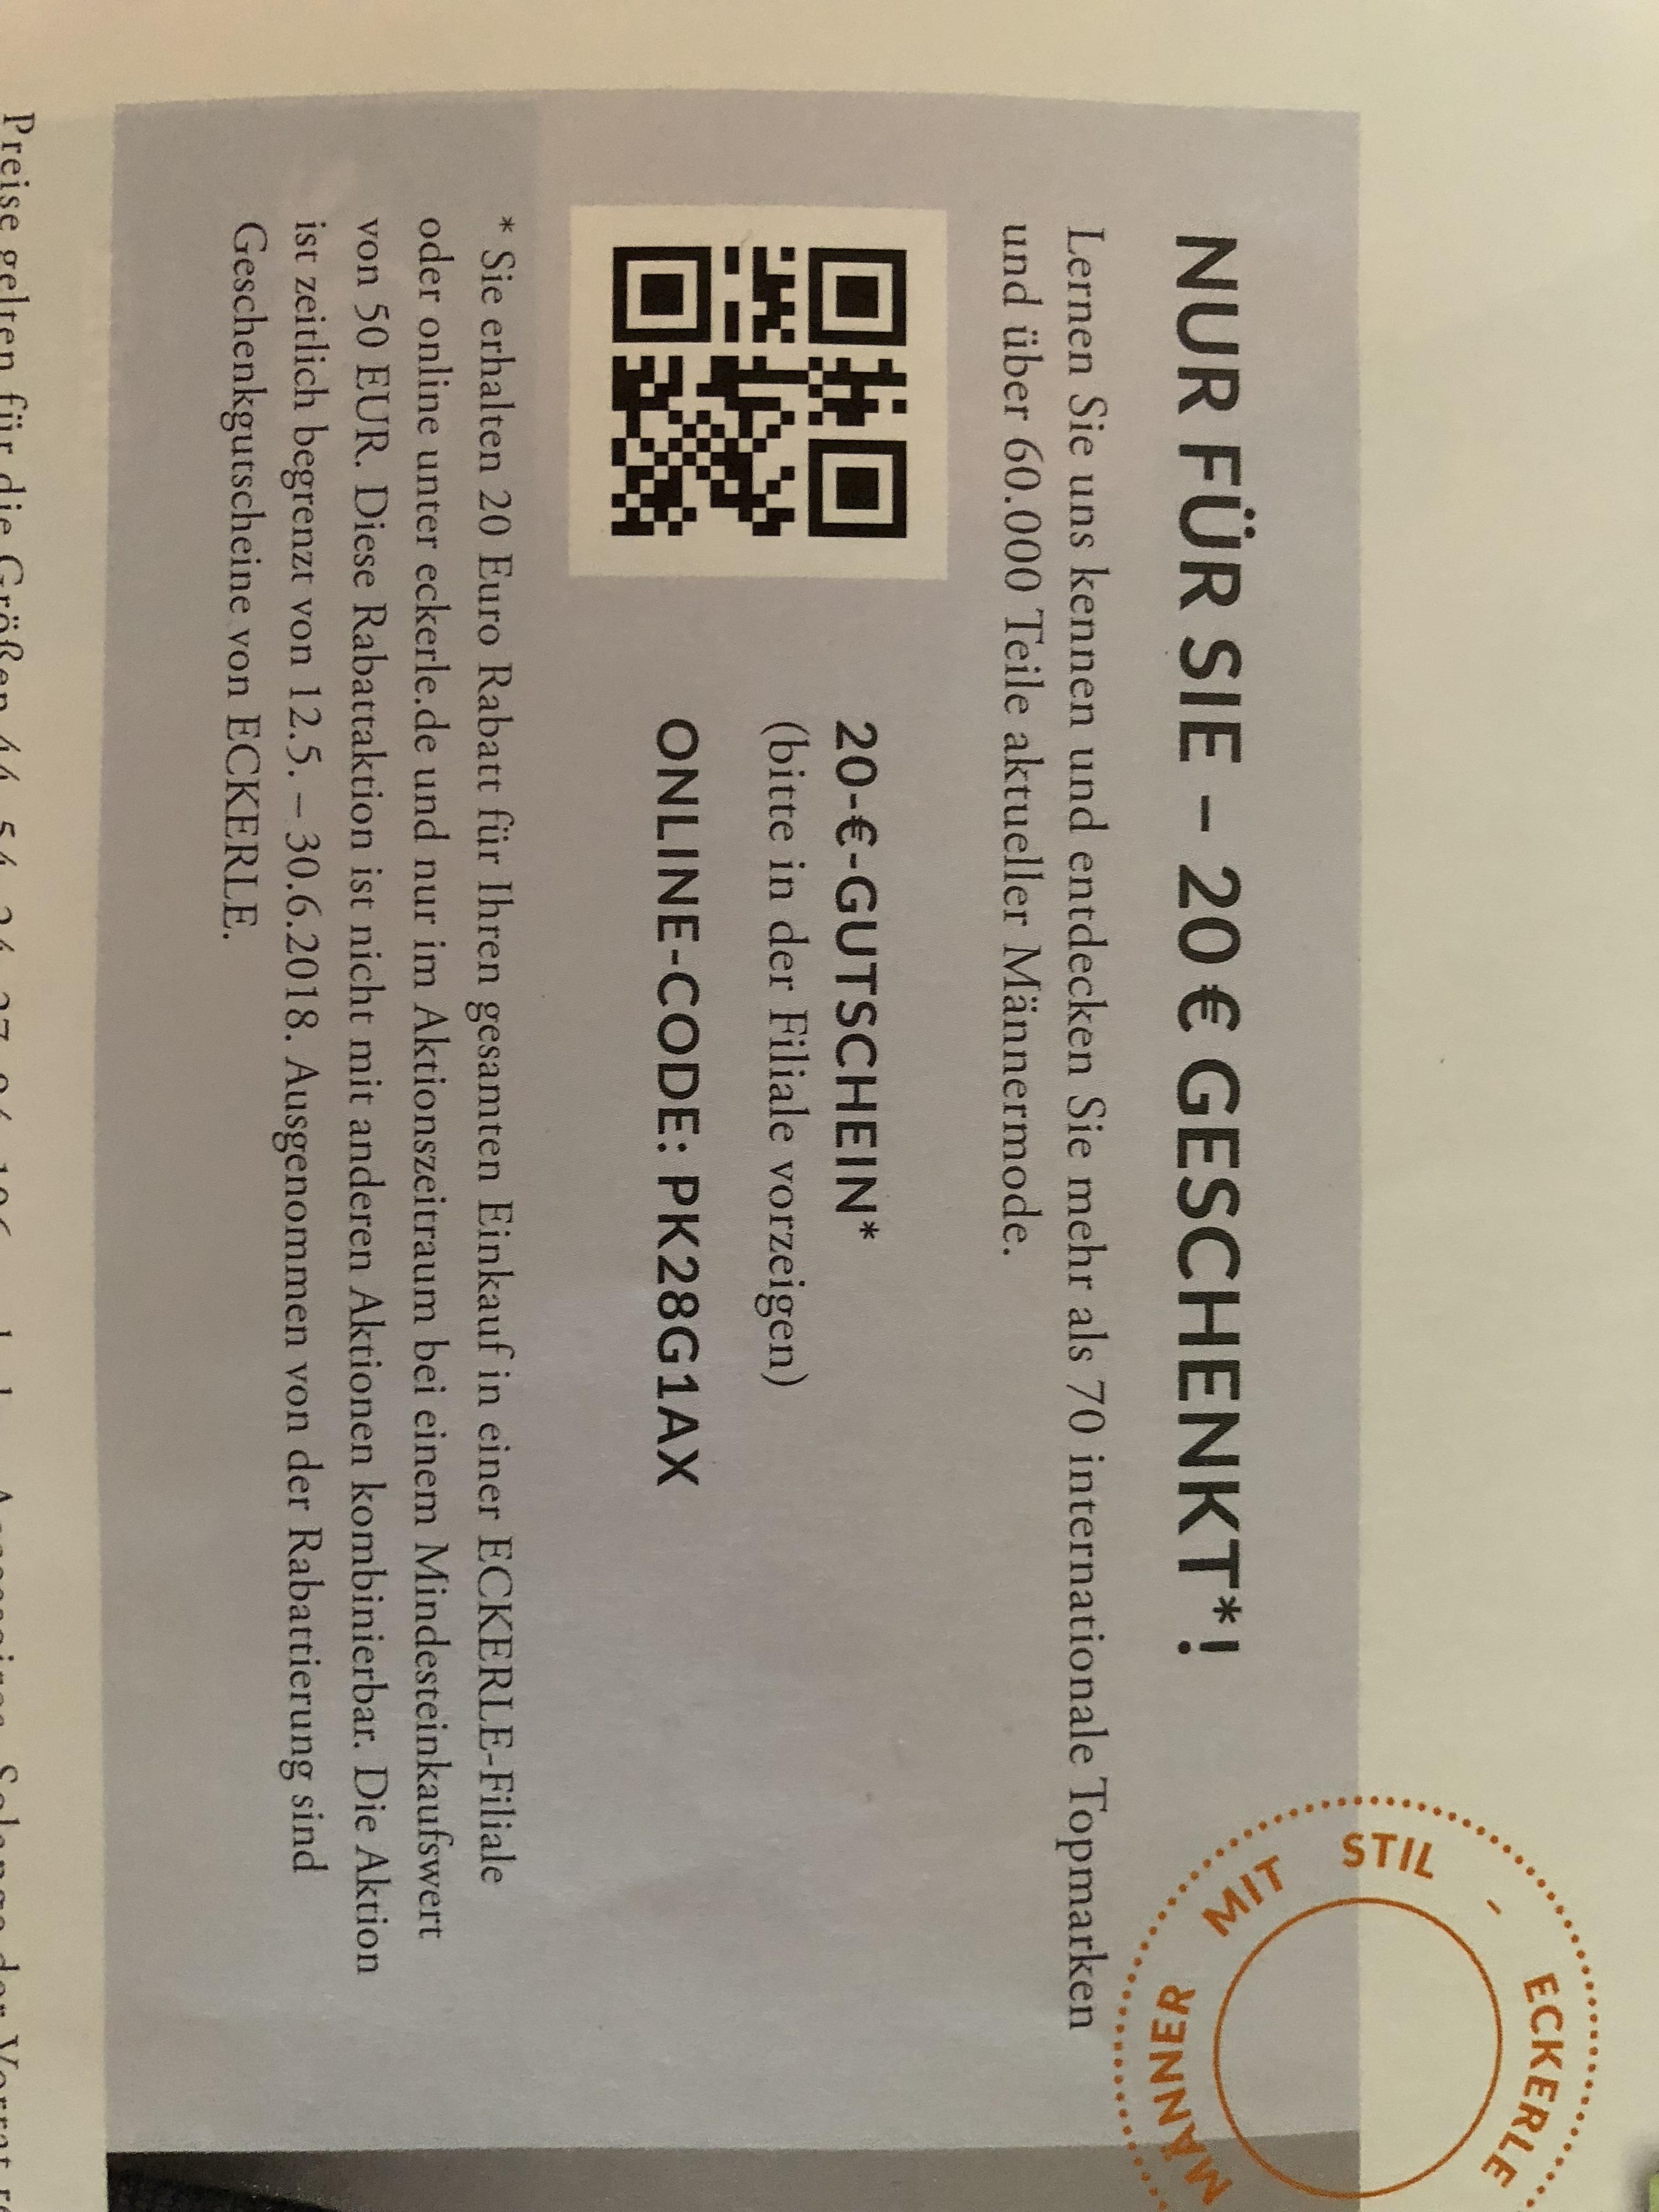 Eckerle Herrenmode 20 Euro geschenkt bei 50 Euro MBW (online+offline)